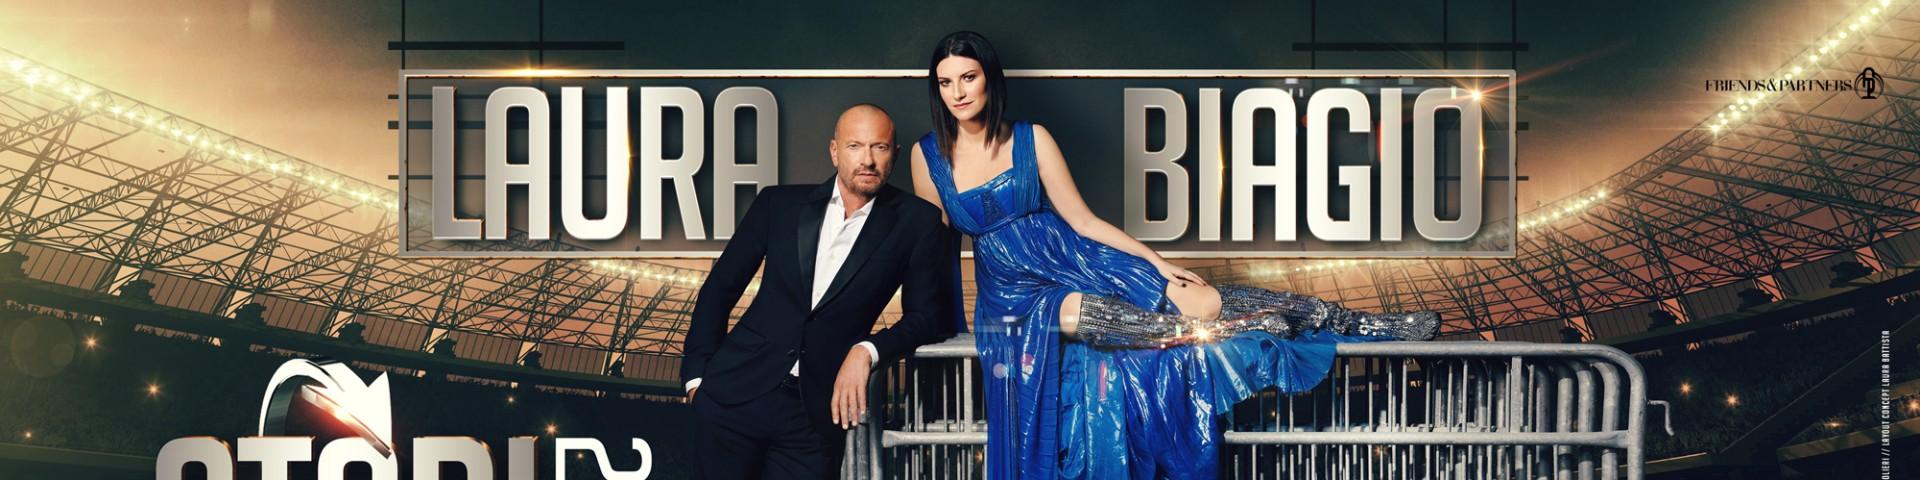 Laura Pausini e Biagio Antonacci a Milano: biglietti disponibili per il 5 luglio